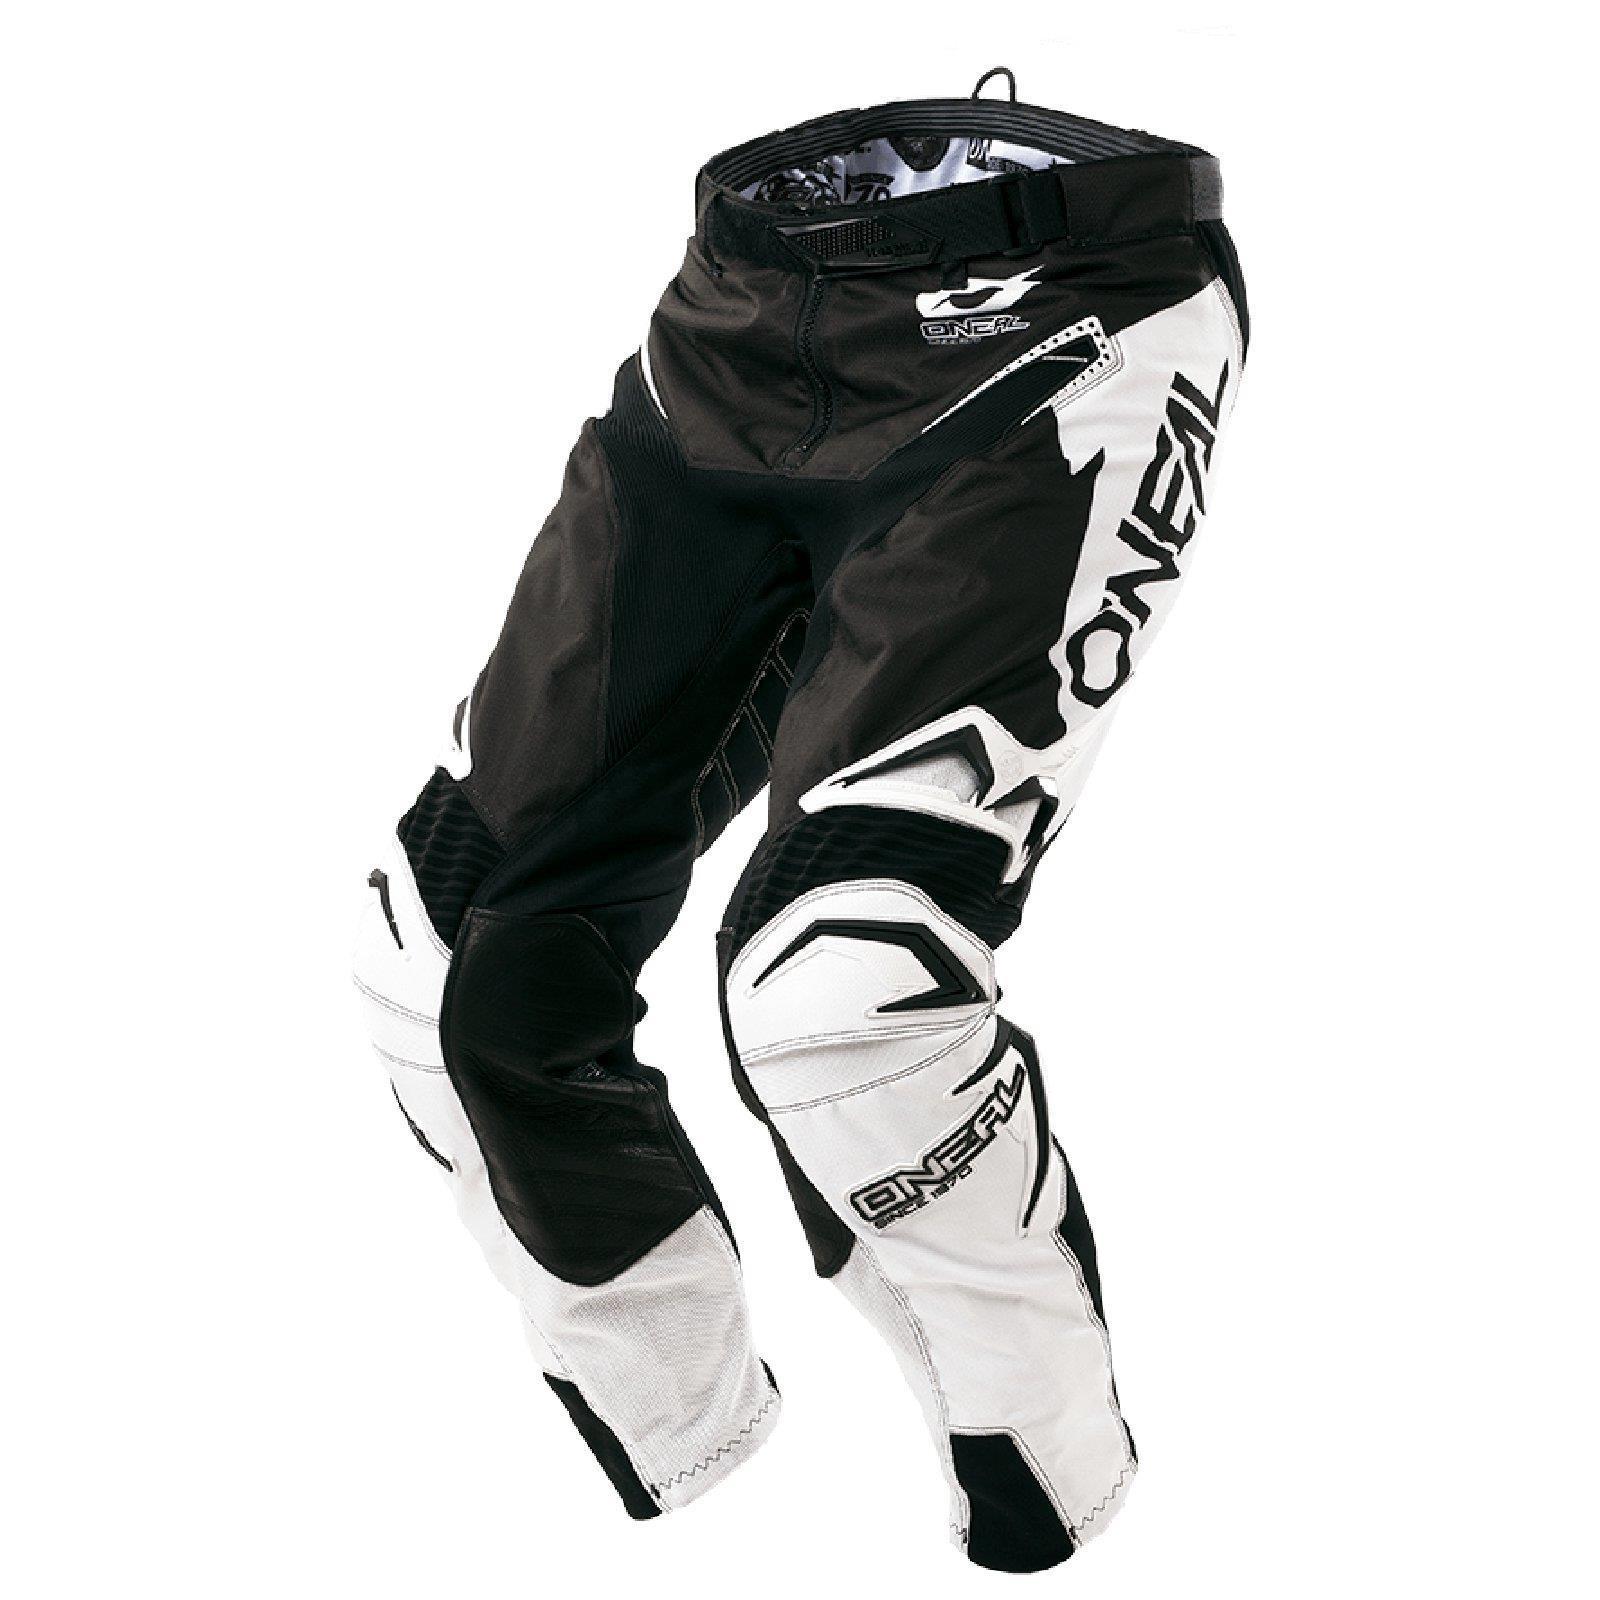 50-70% Rabatt Rabatt-Sammlung noch nicht vulgär Details zu O'Neal Hardwear MX Hose Flow True Schwarz Weiß Motocross Enduro  Cross Motorrad